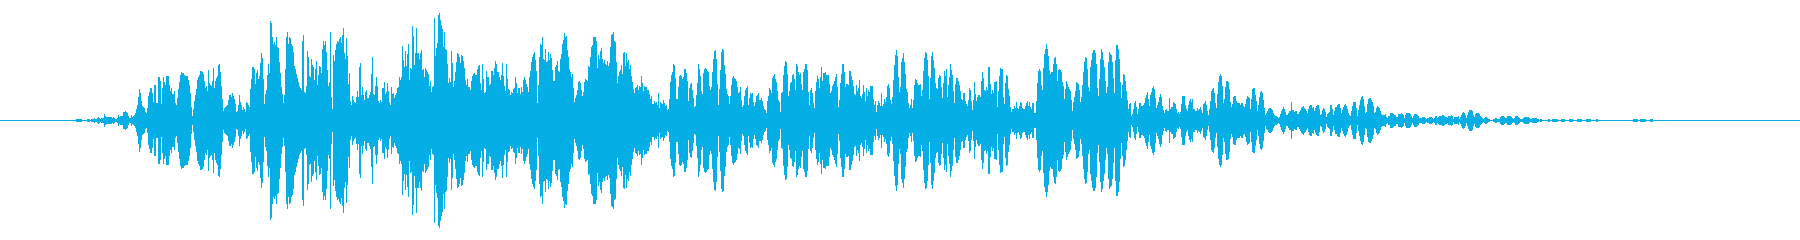 スライムなどが蠢く音 タイプC#5の再生済みの波形